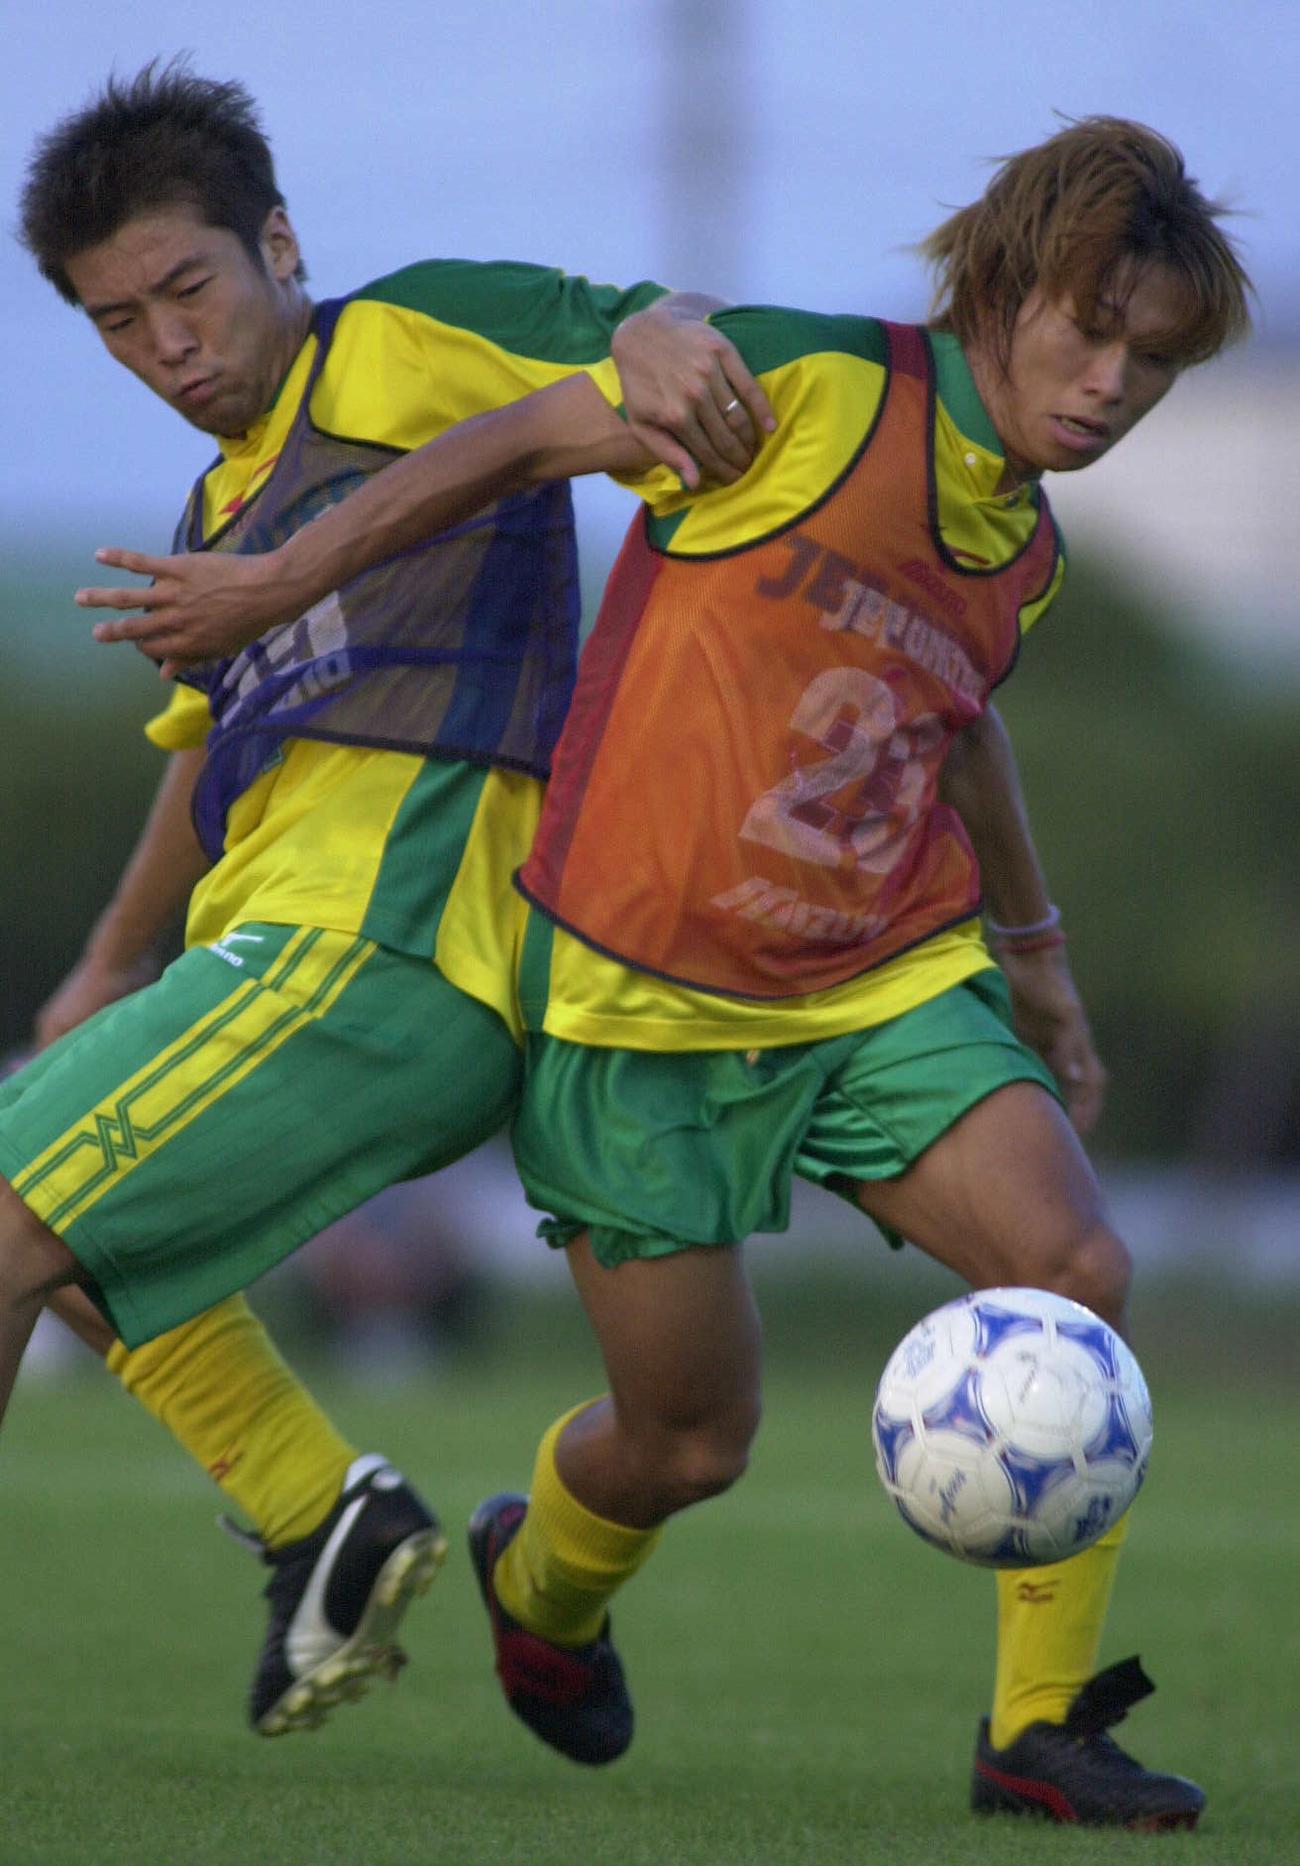 練習で激しくボールを奪い合う佐藤寿人(右)と茶野隆行(2000年8月11日撮影)